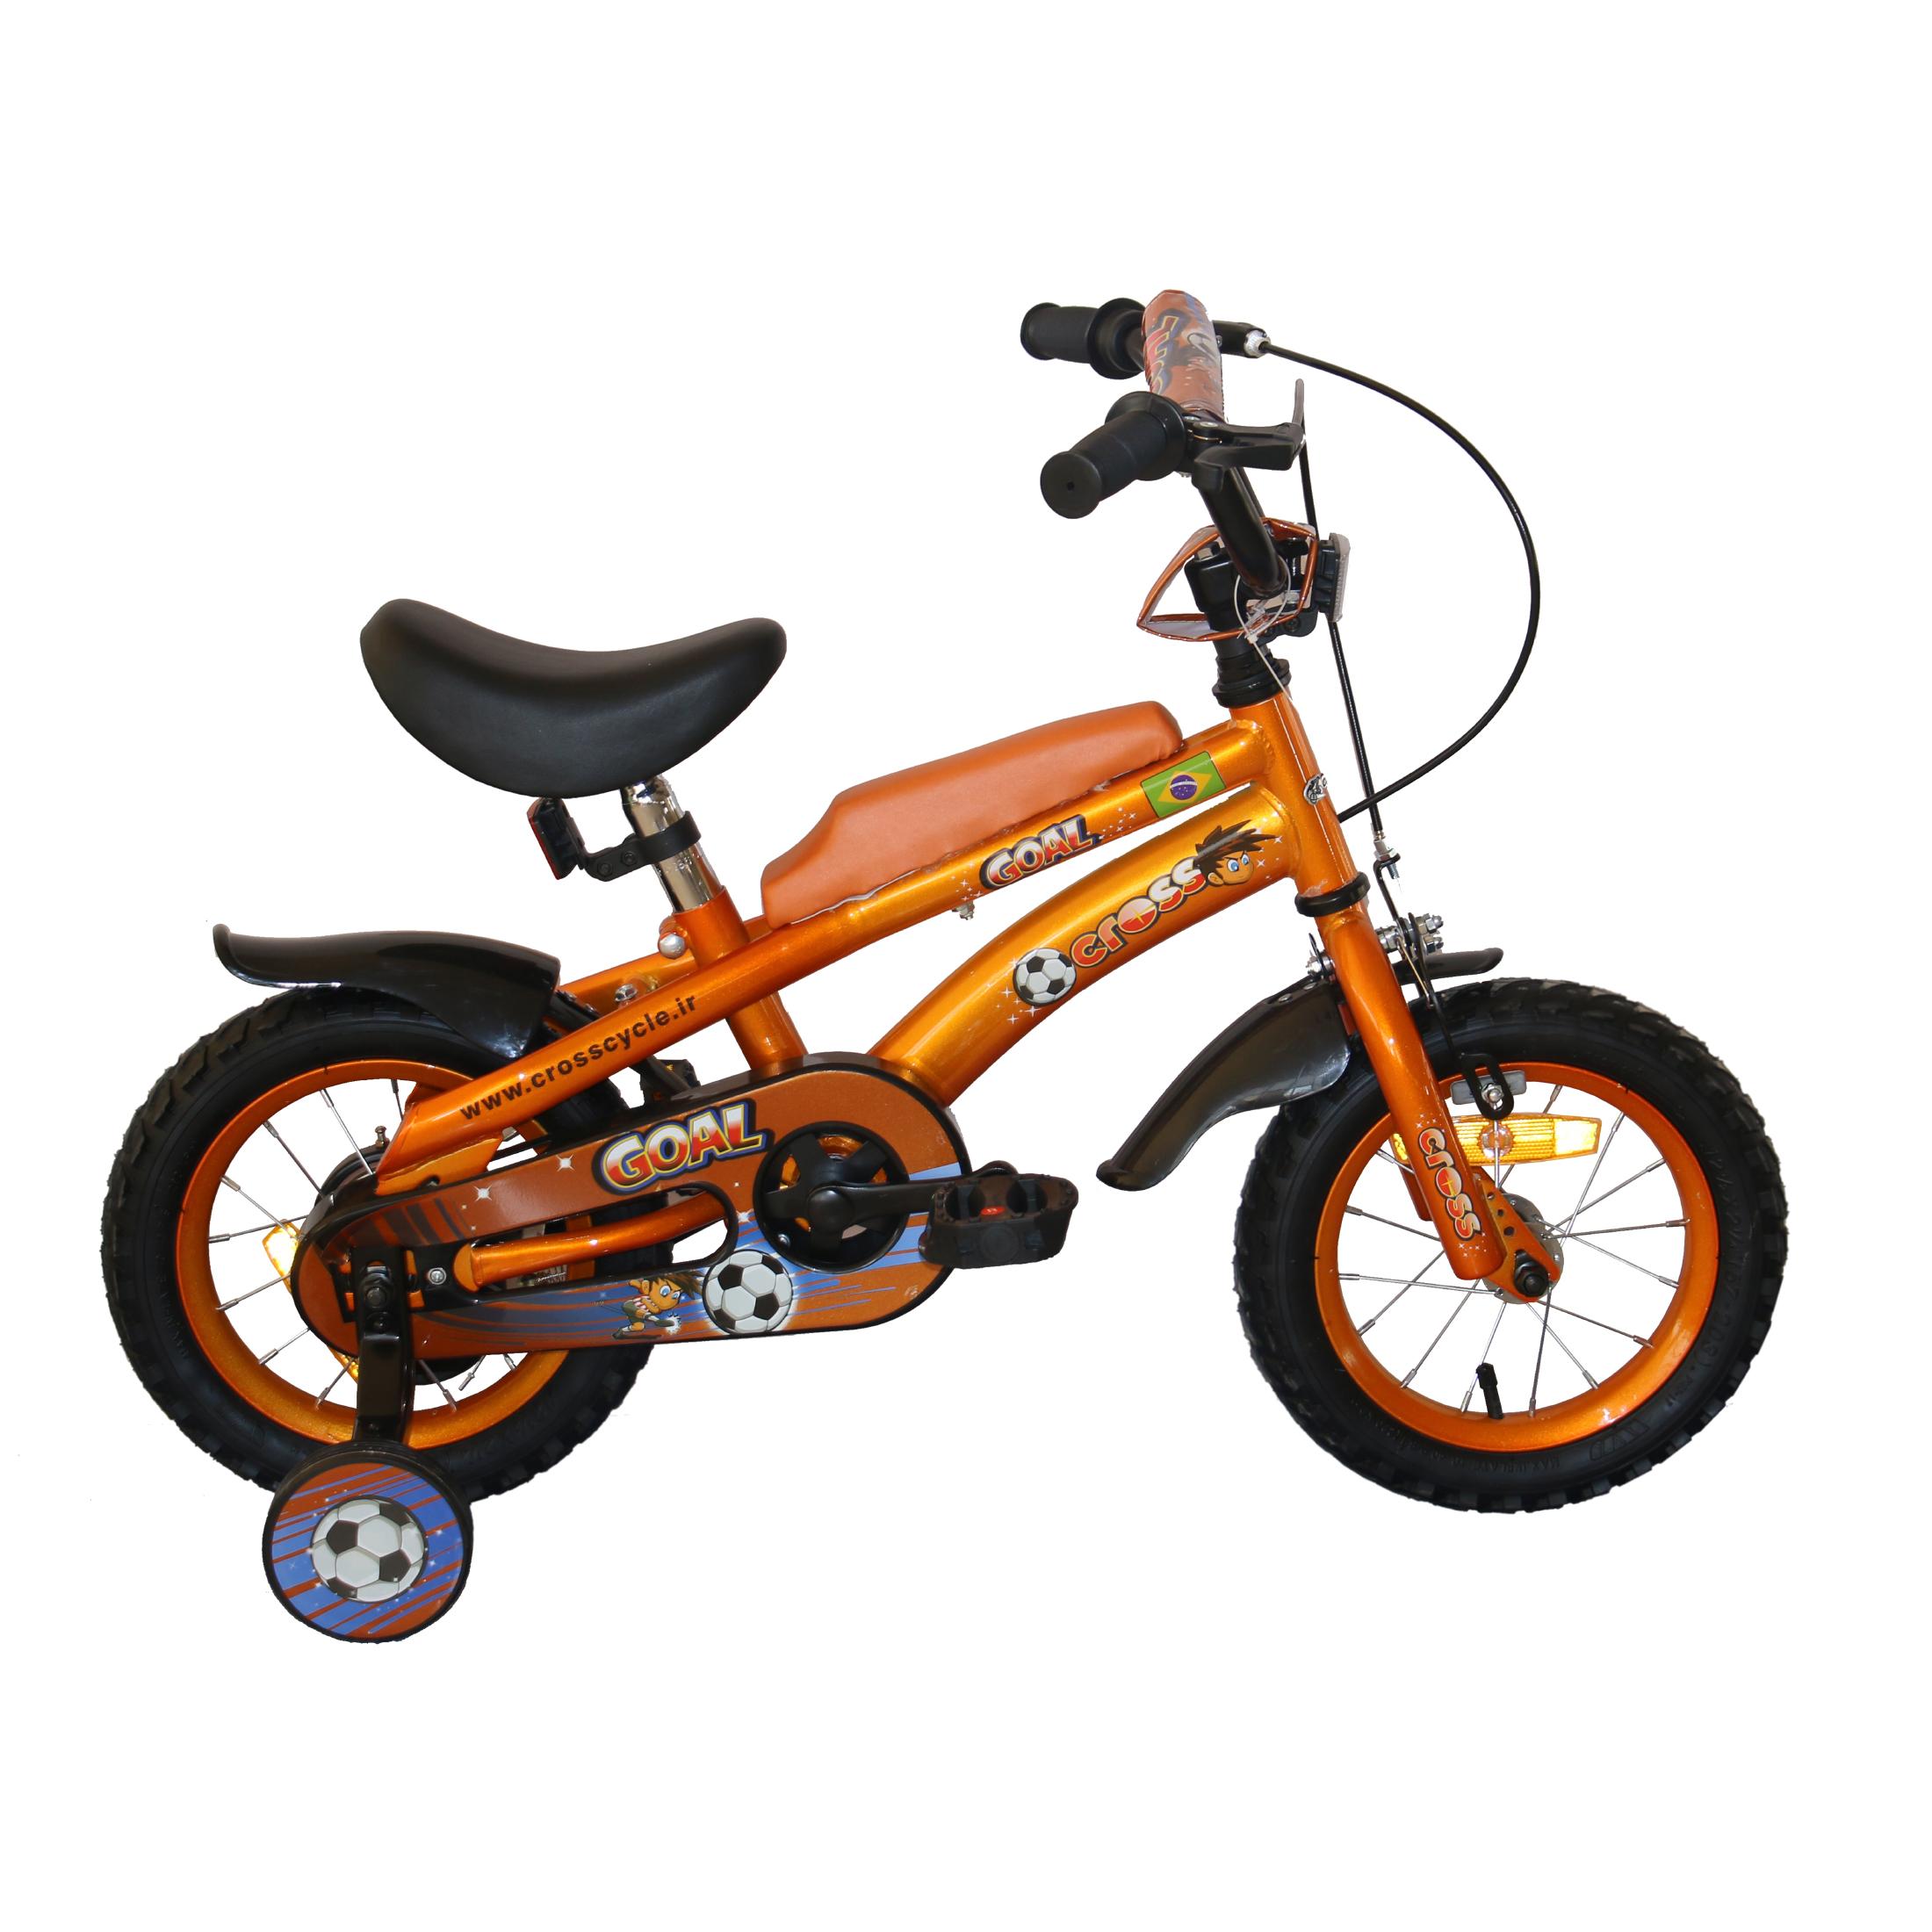 خرید                     دوچرخه شهری کراس مدل GOAL سایز 12